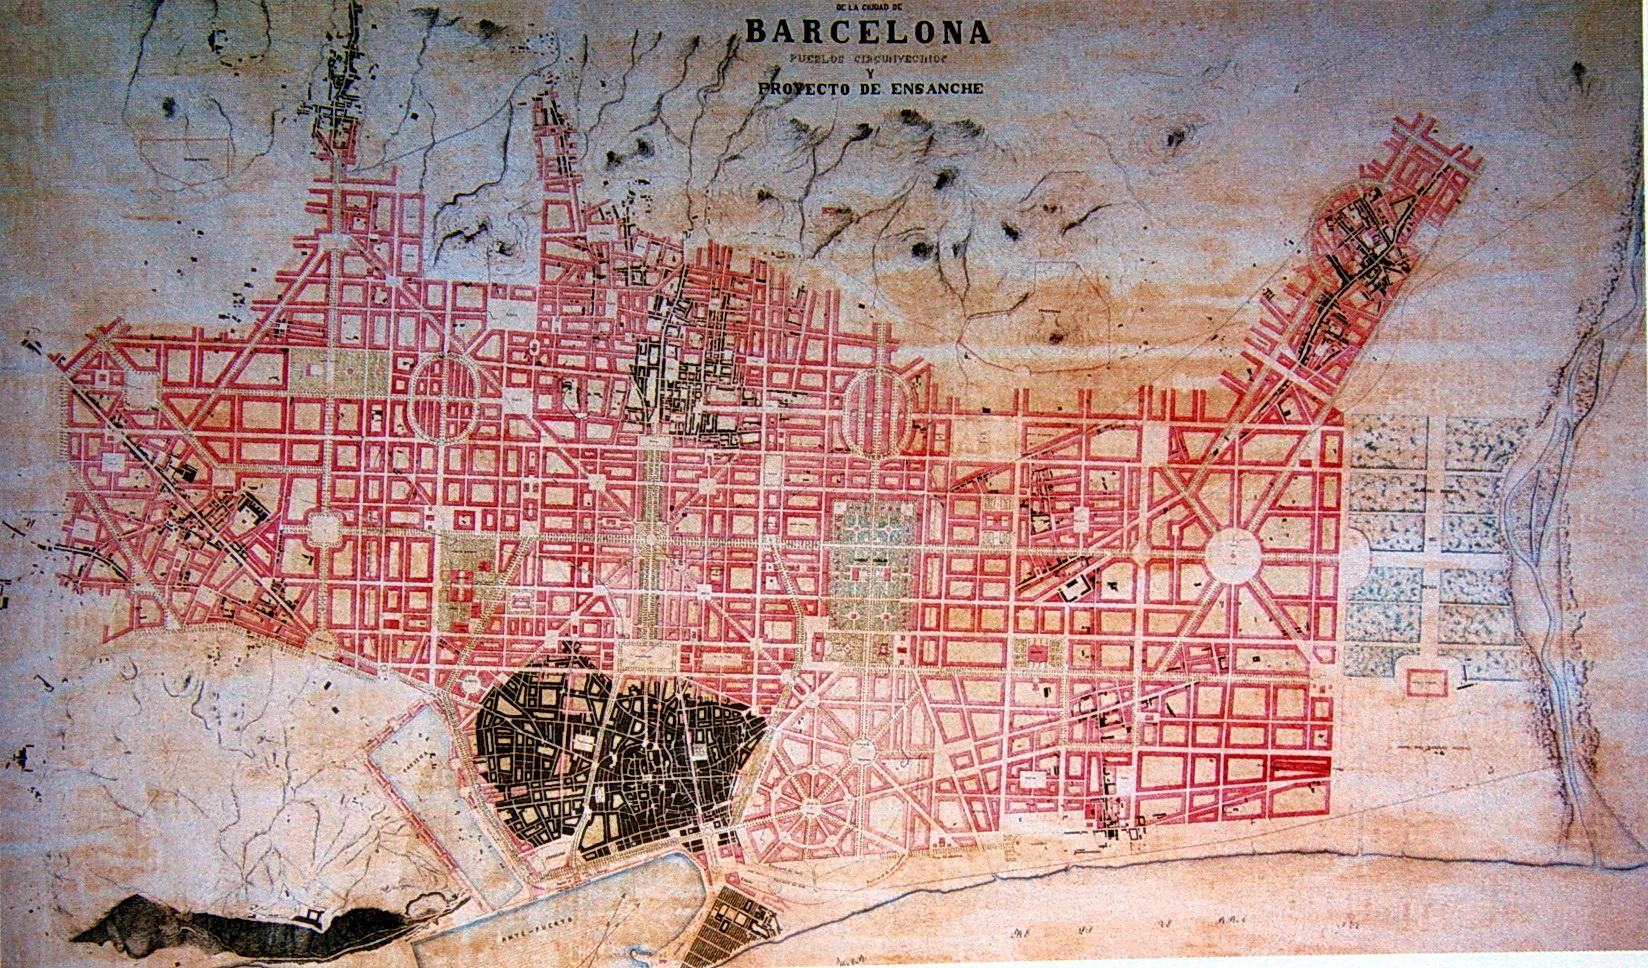 Proyecto de ensanche de Josep Fontserè i Mestre 1859